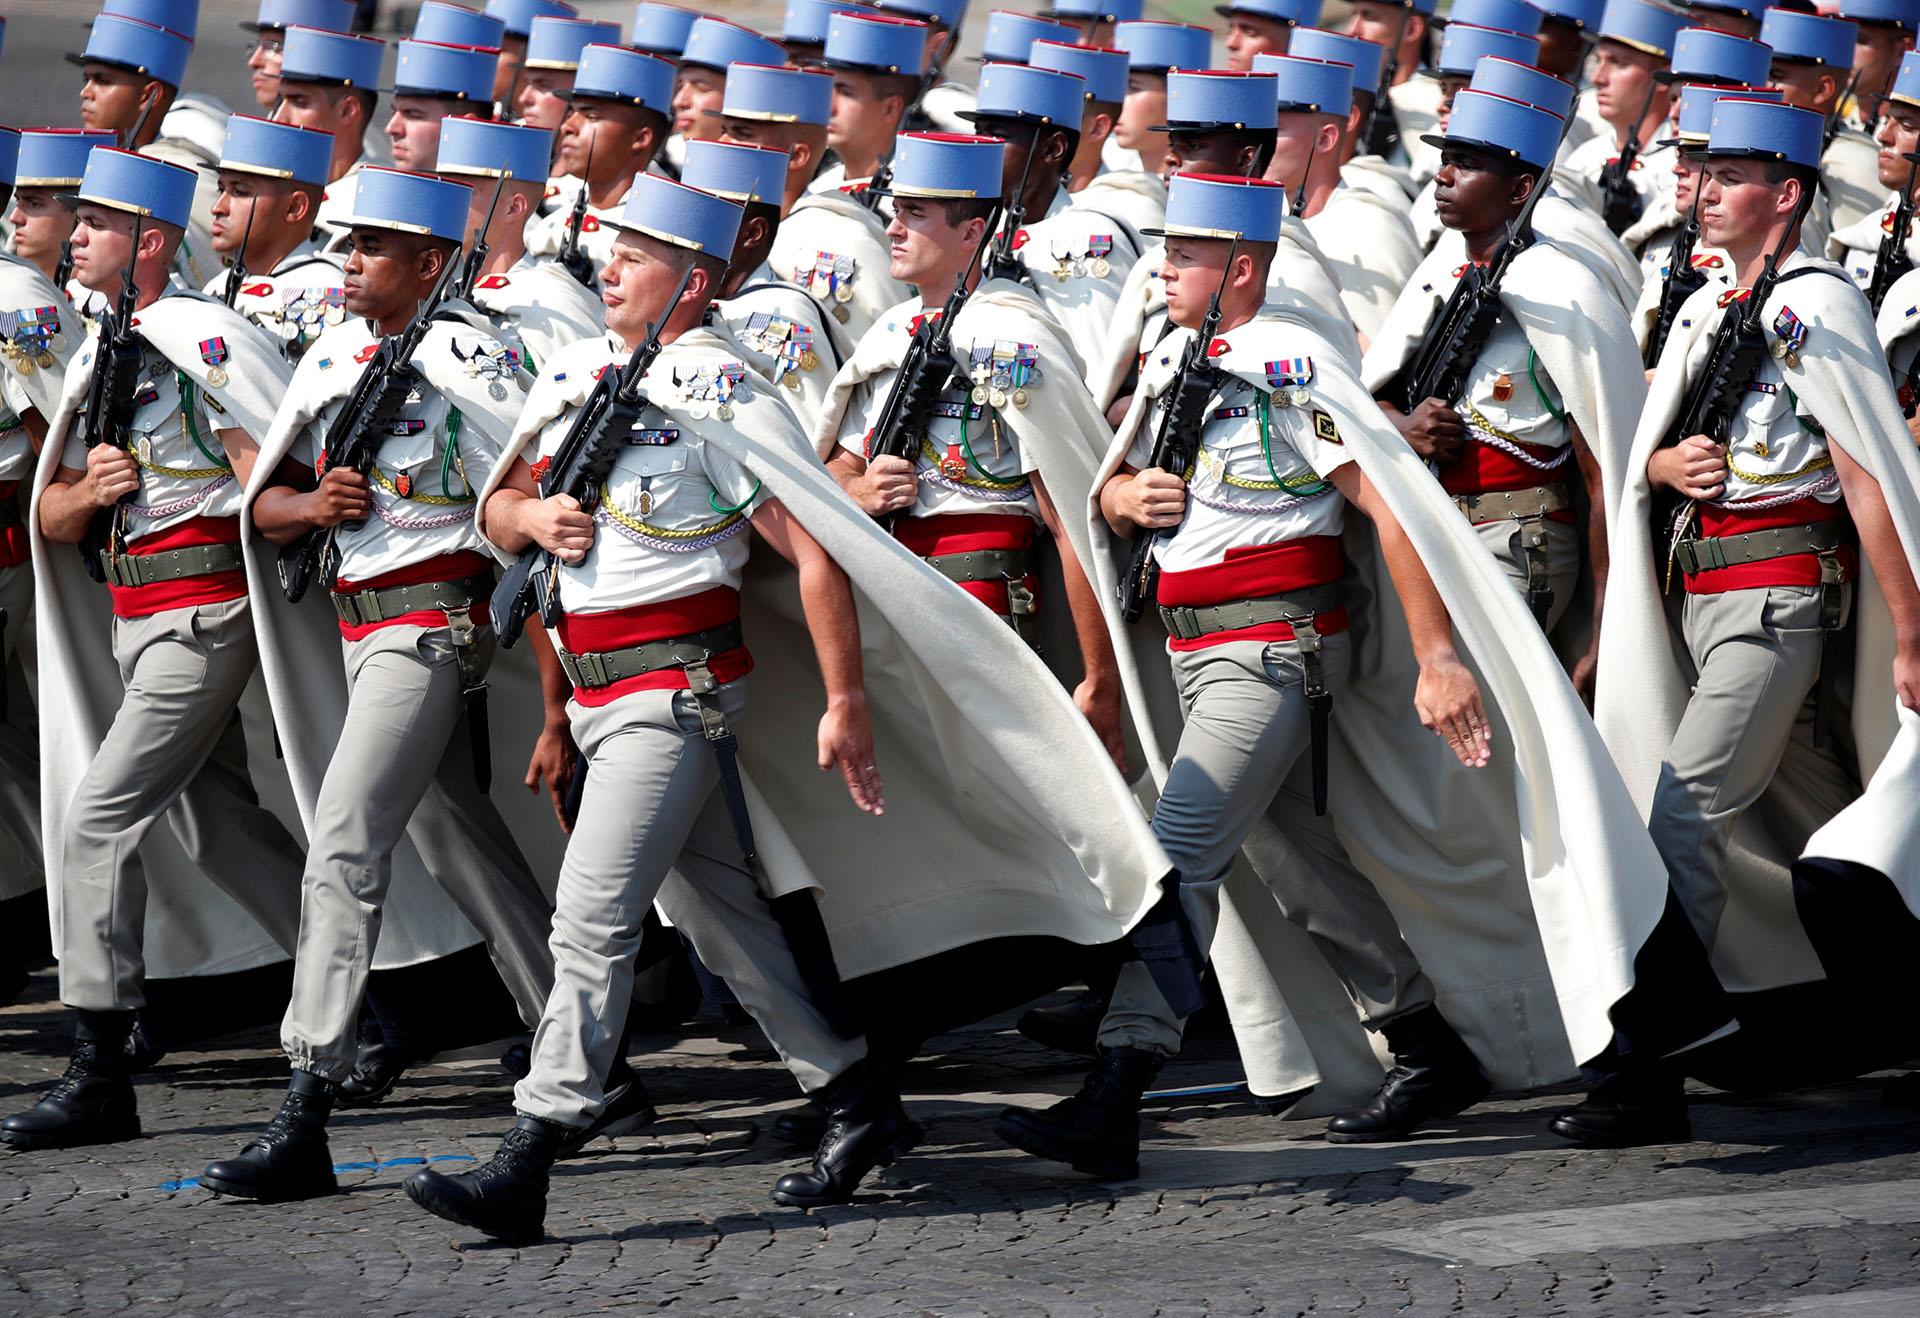 Durante la tarde del sábado y a 900 kilómetros de distancia la ciudad de Niza (sureste) celebró su particular 14 de julio, que quedó marcado hace dos años por el triste aniversario del atentado en el paseo marítimo en el que un terrorista al volante de un camión acabó con la vida de más de ochenta personas